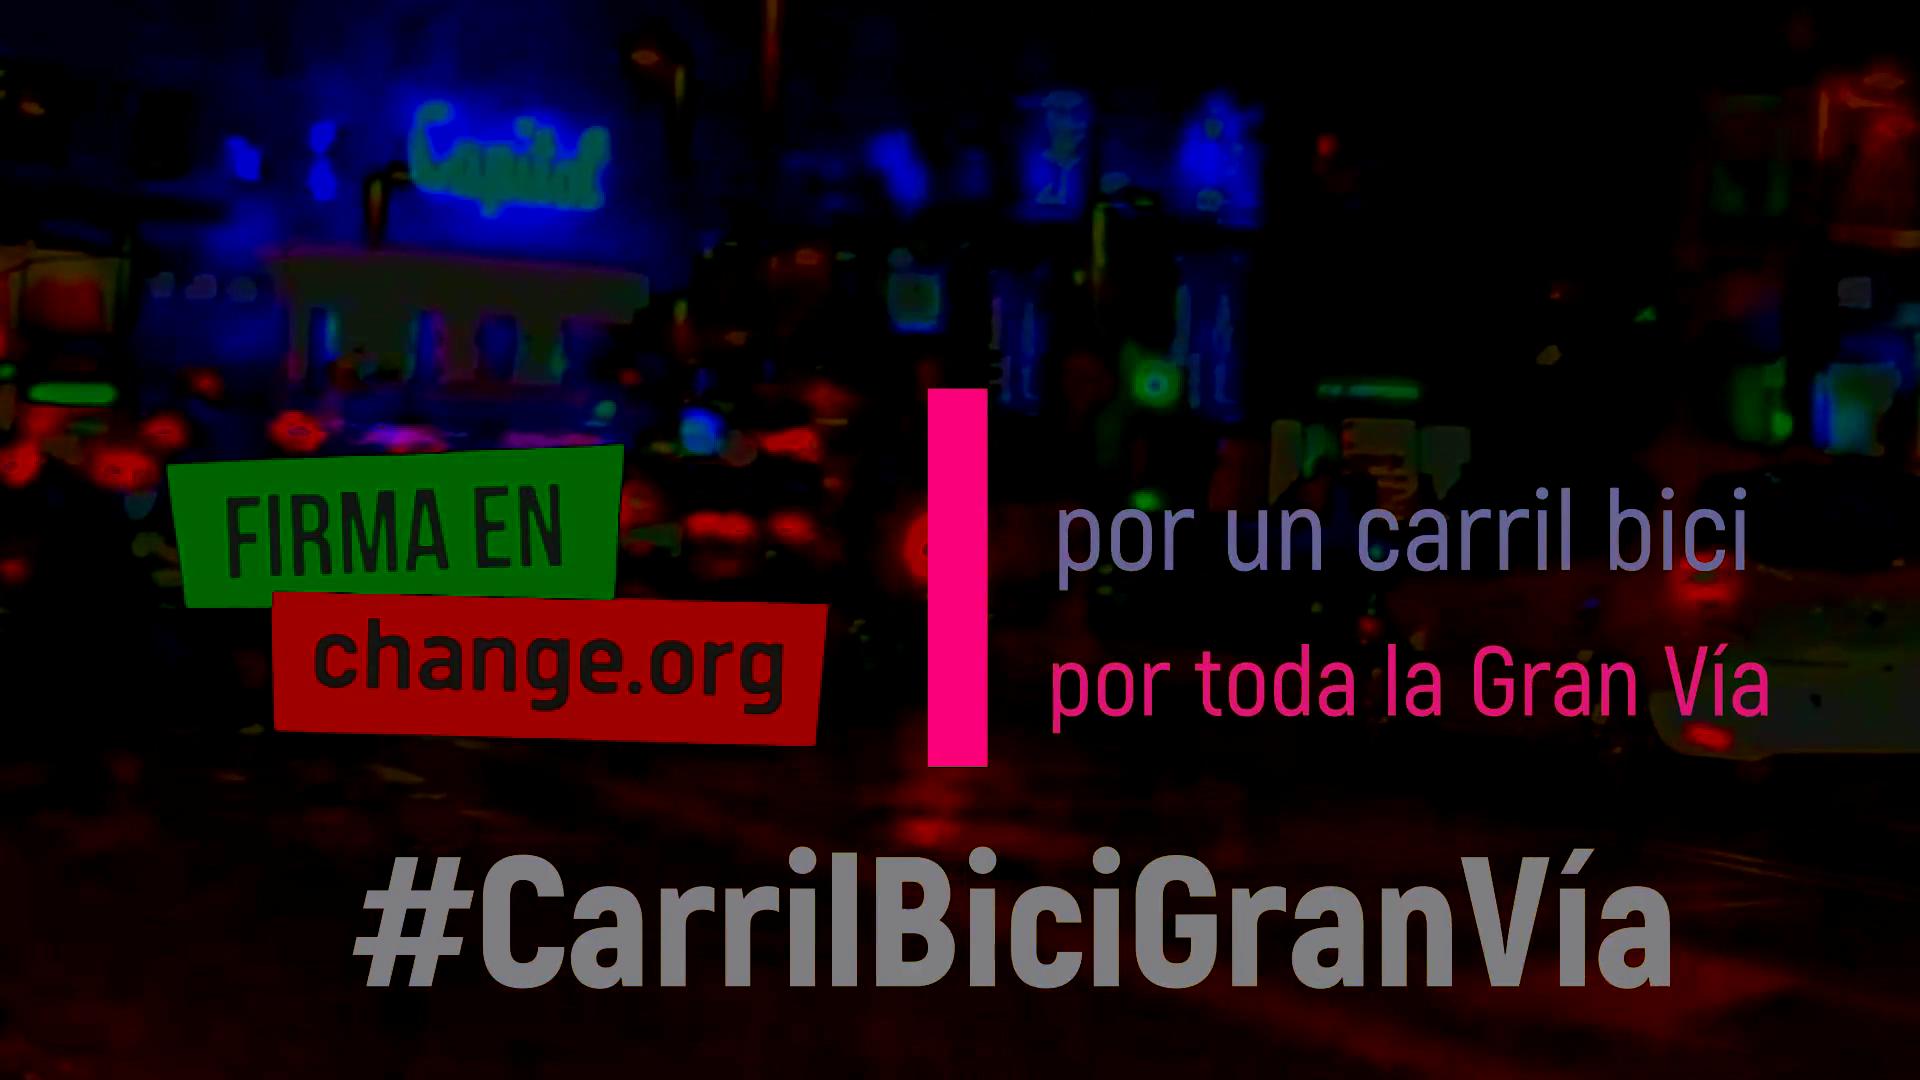 Petición en Change.org